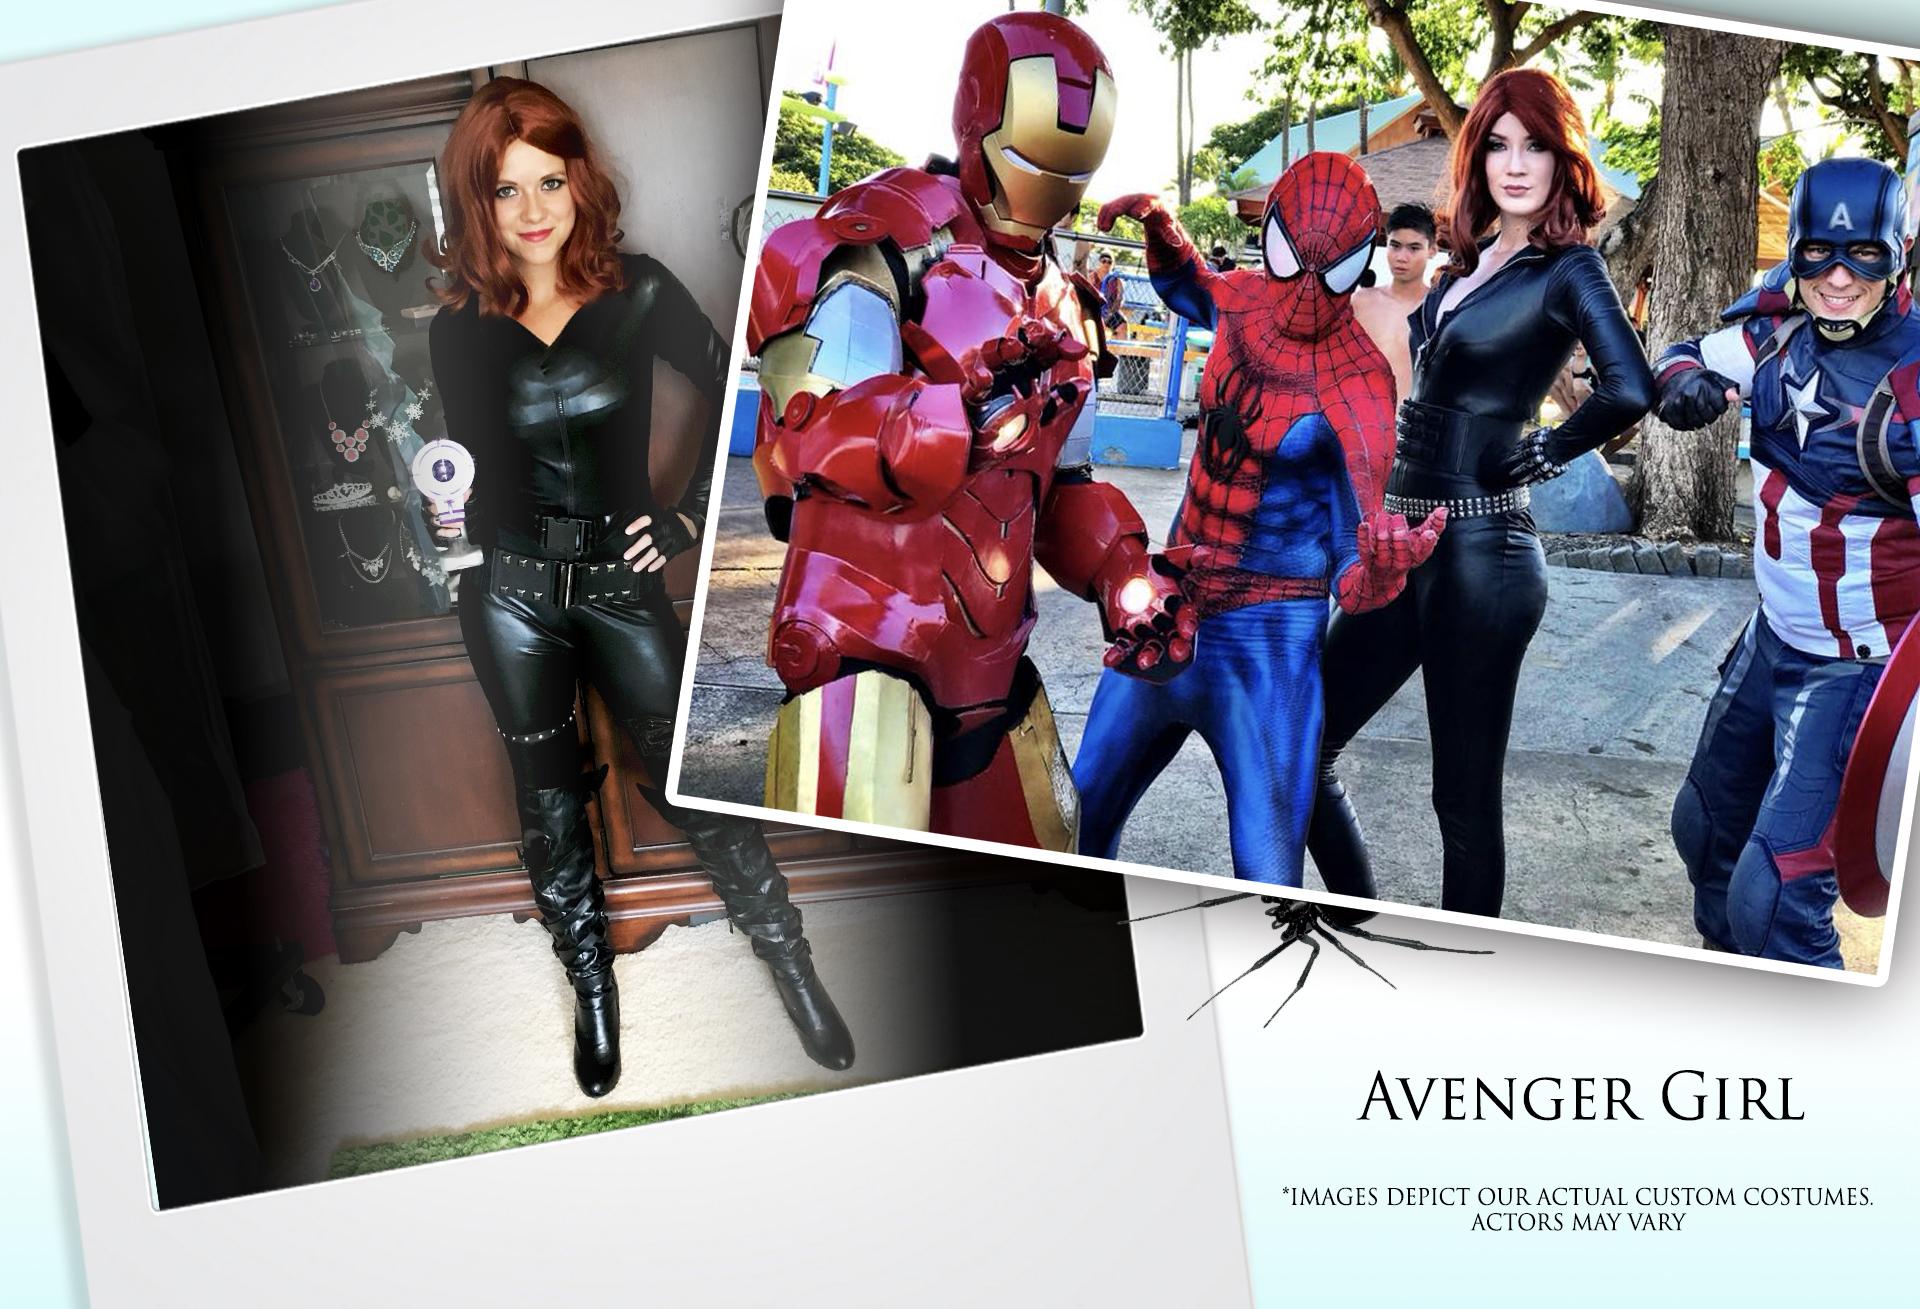 Avengergirl copy.jpg